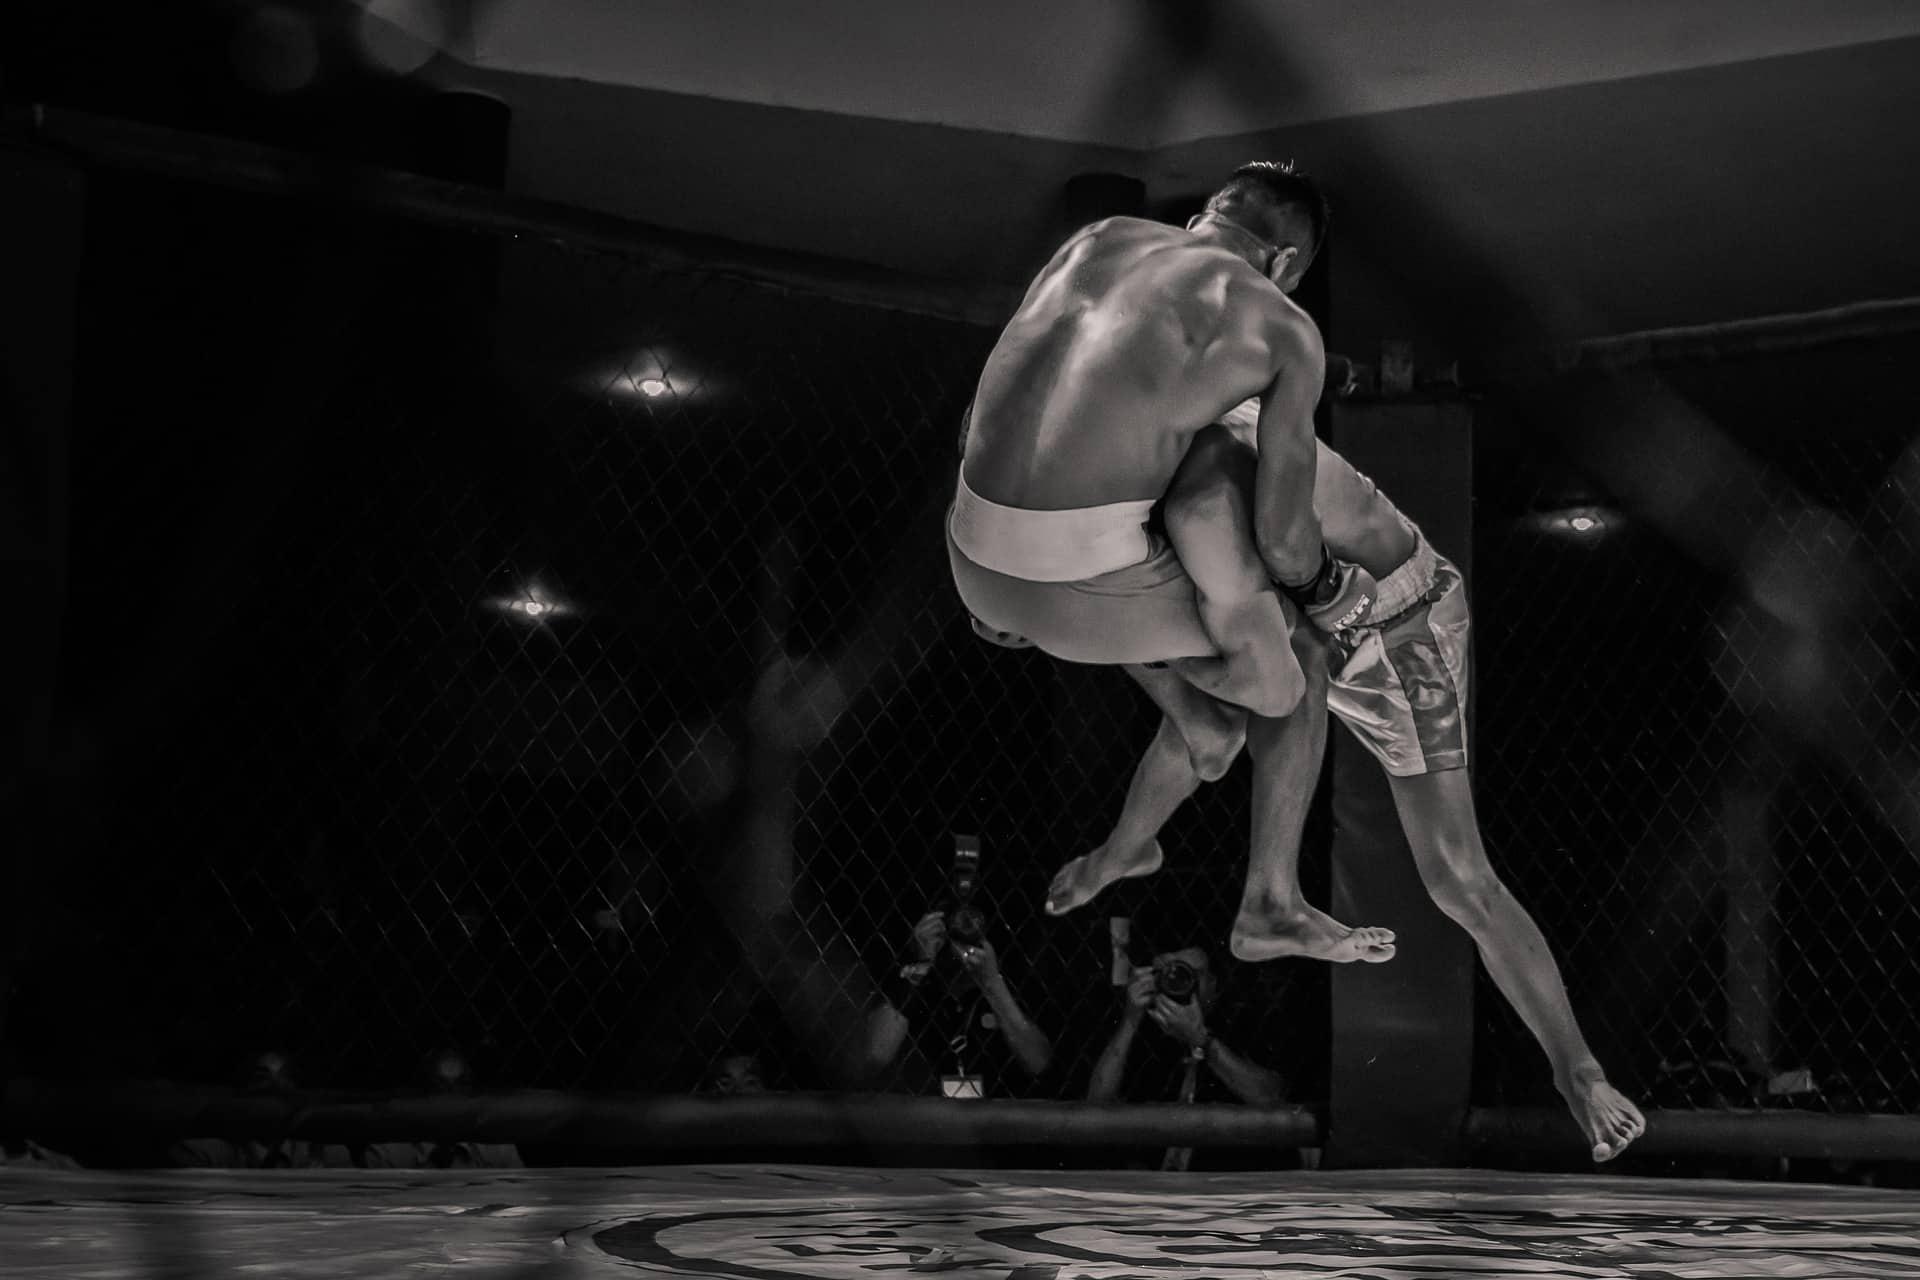 https://pixabay.com/photos/boxing-mma-mixed-martial-arts-3897488/